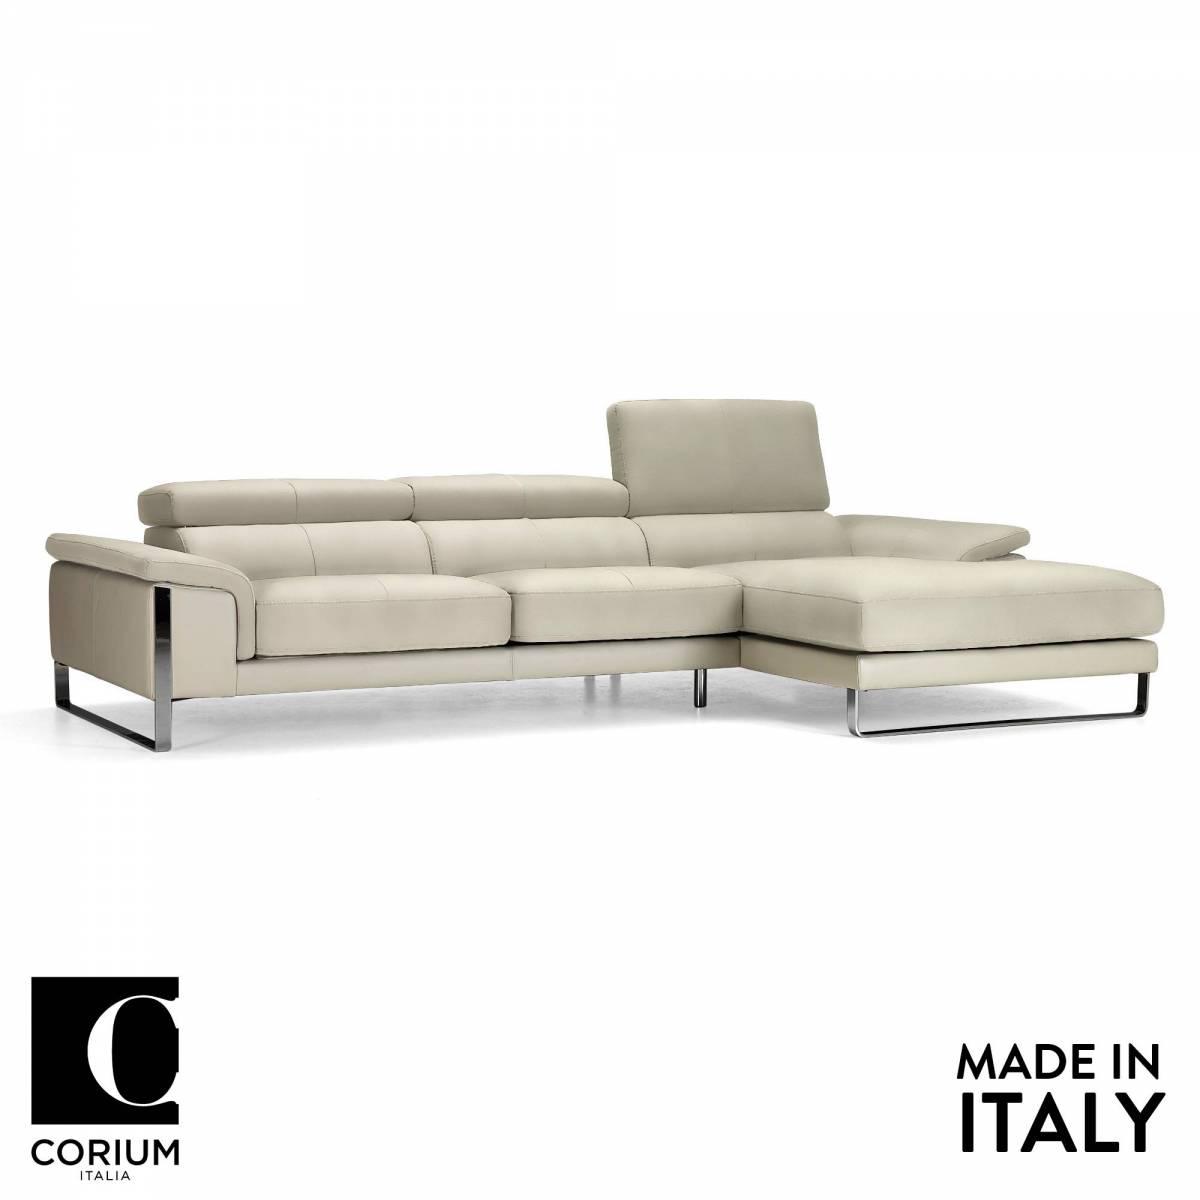 Om furniture newport leather sofa from corium italia